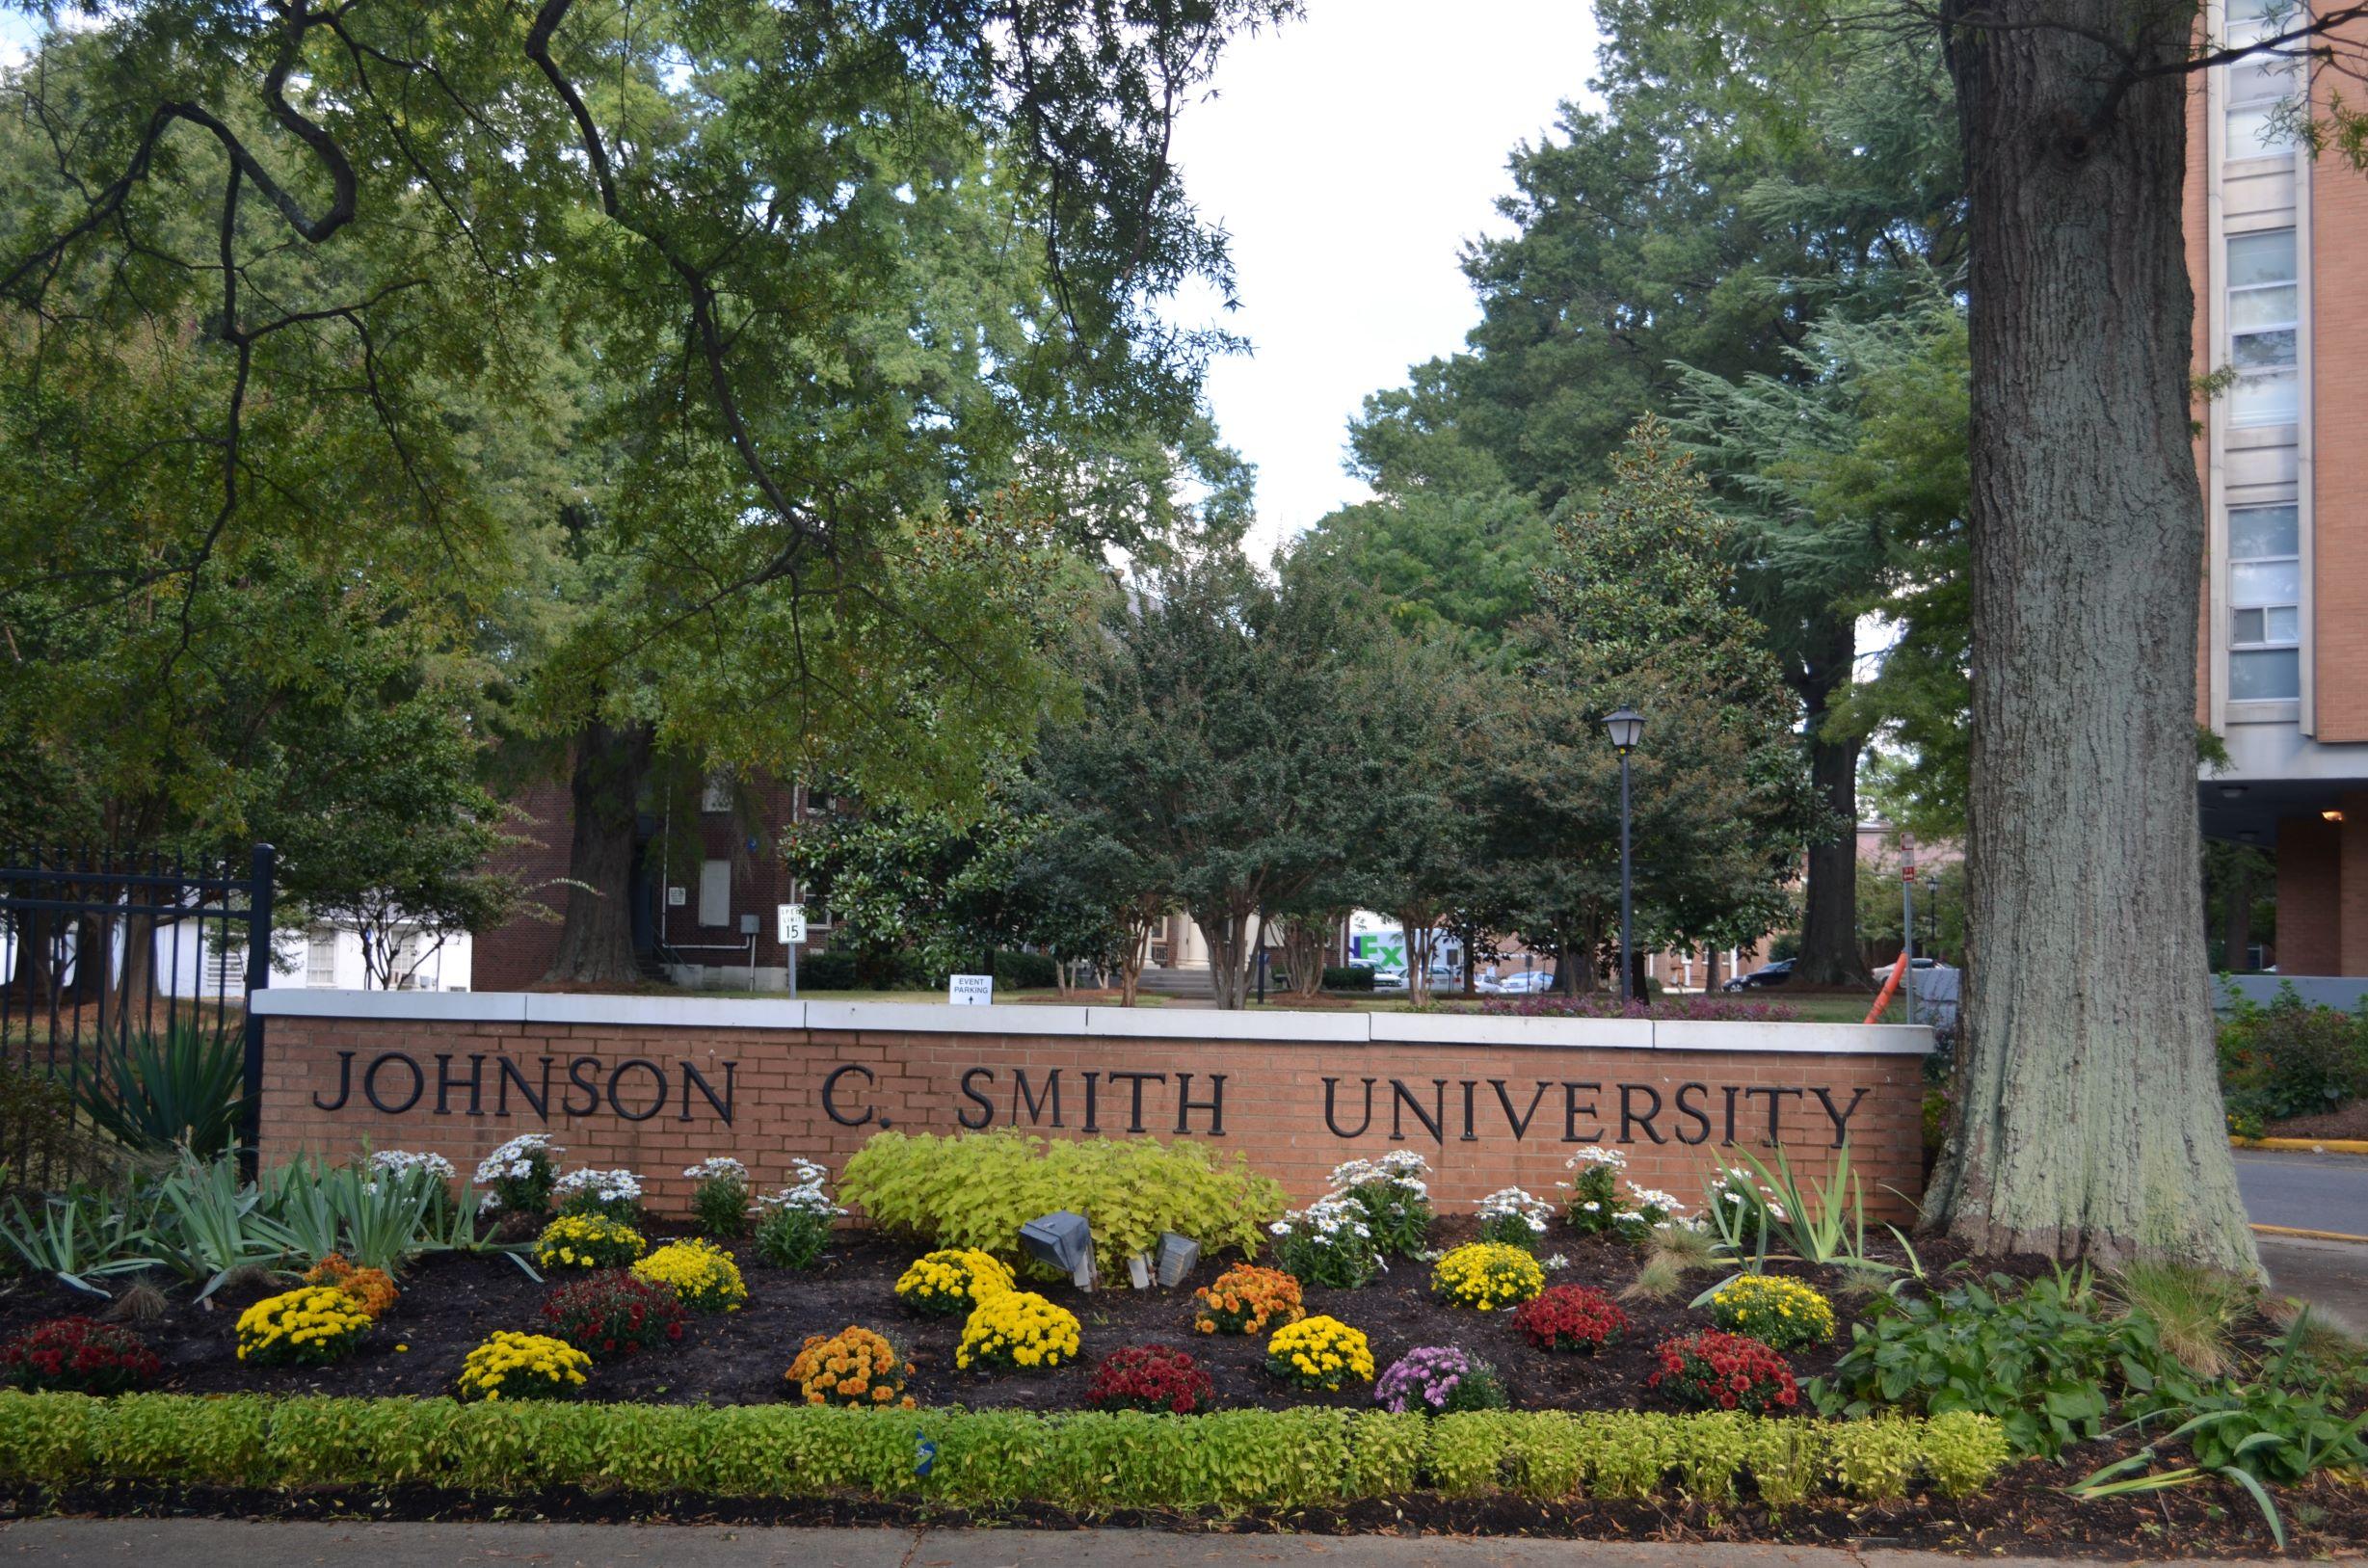 JCSU-Entrance